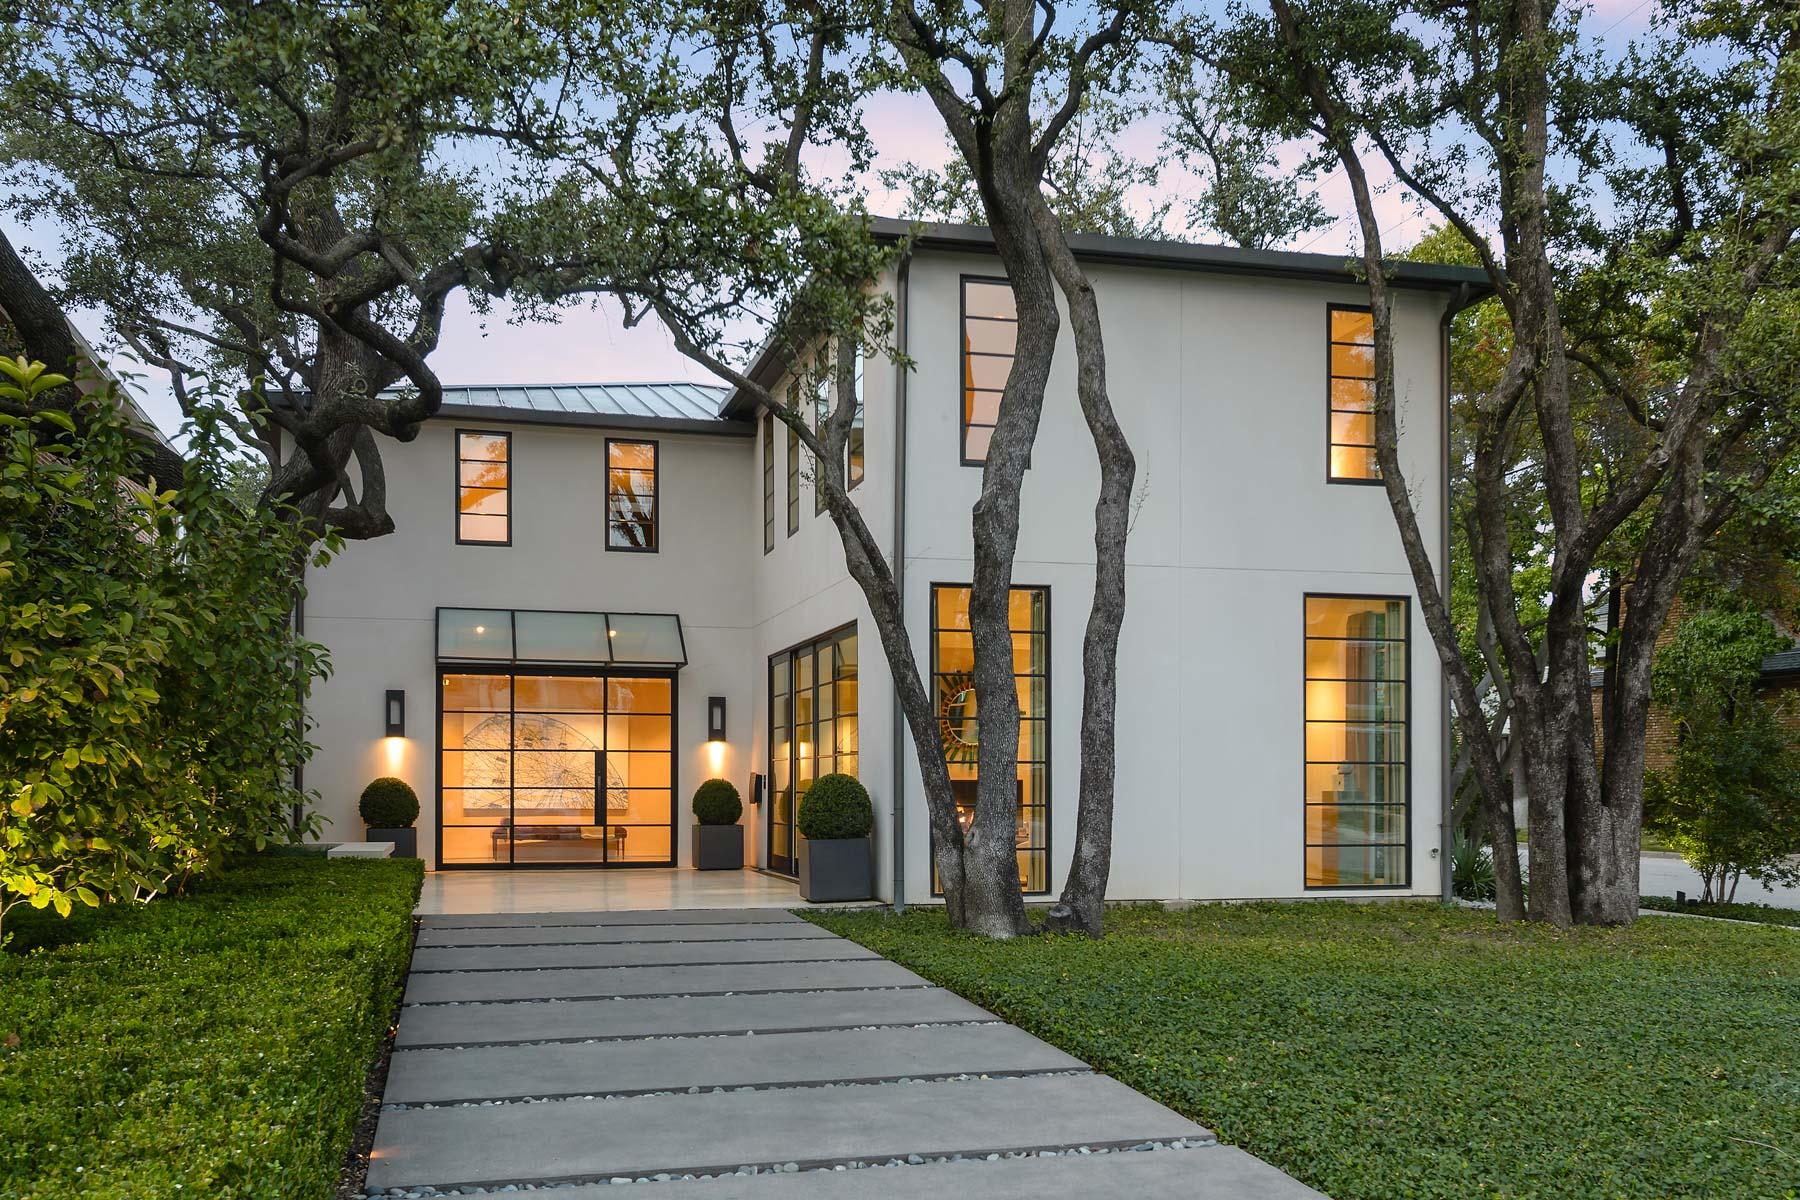 단독 가정 주택 용 매매 에 Classic, Modern and Chic 3800 Normandy Ave Highland Park, 텍사스, 75205 미국